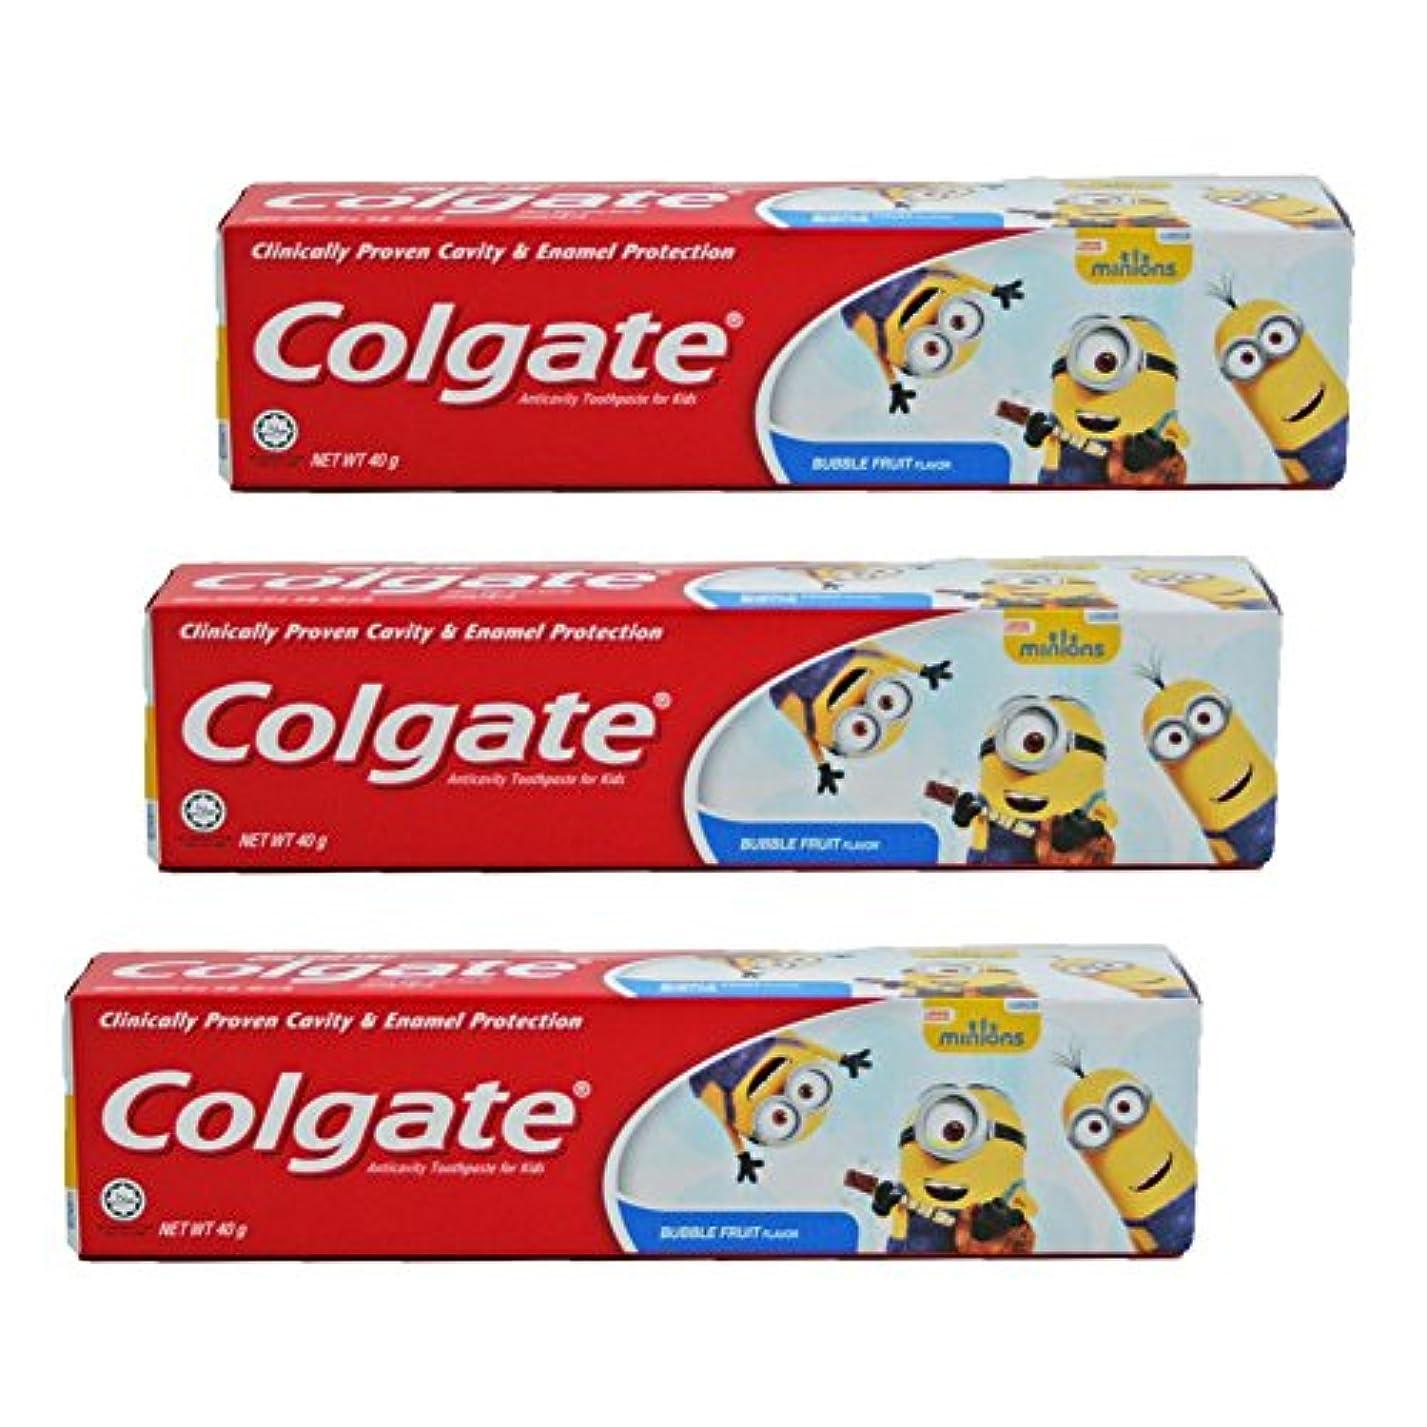 先行するスピーカー意義コルゲート Colgate 子供用 Kids-BUBBLE FRUIT FLAVOR (ミニオン, 40g) 3個セット [並行輸入品]